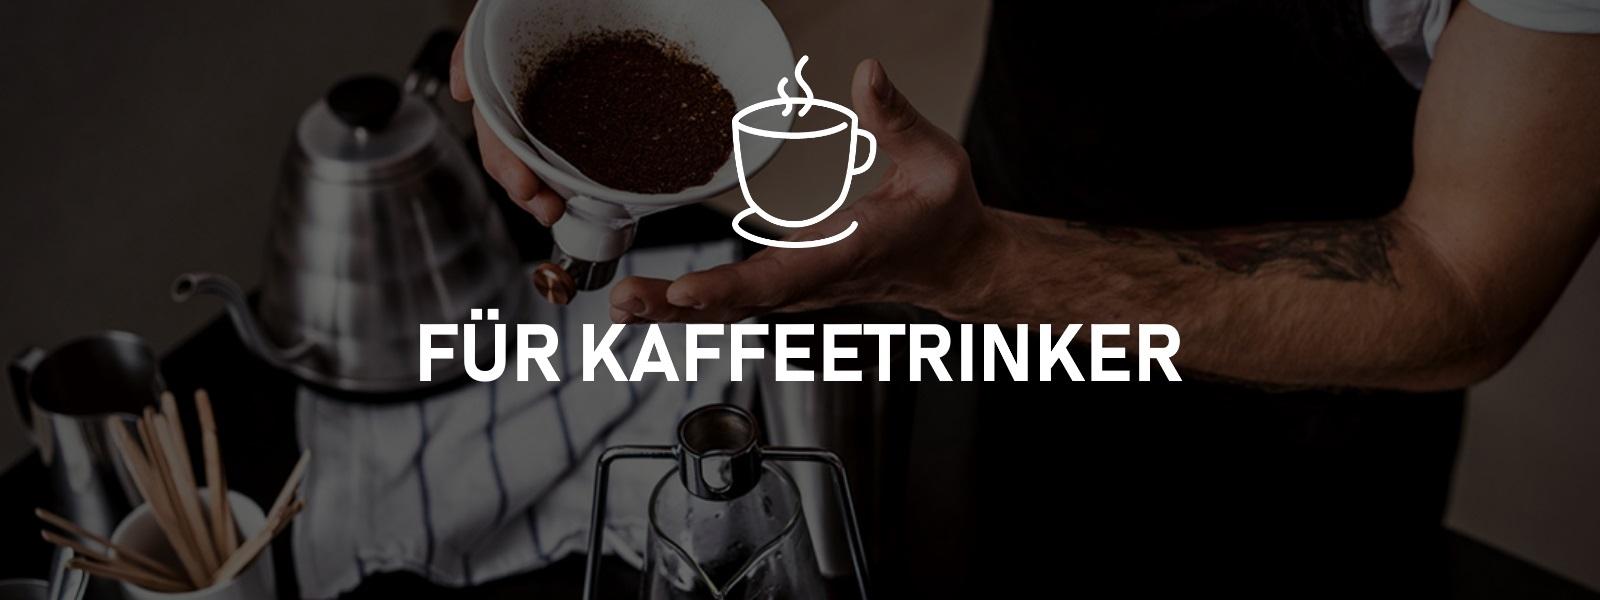 Für Kaffeetrinker